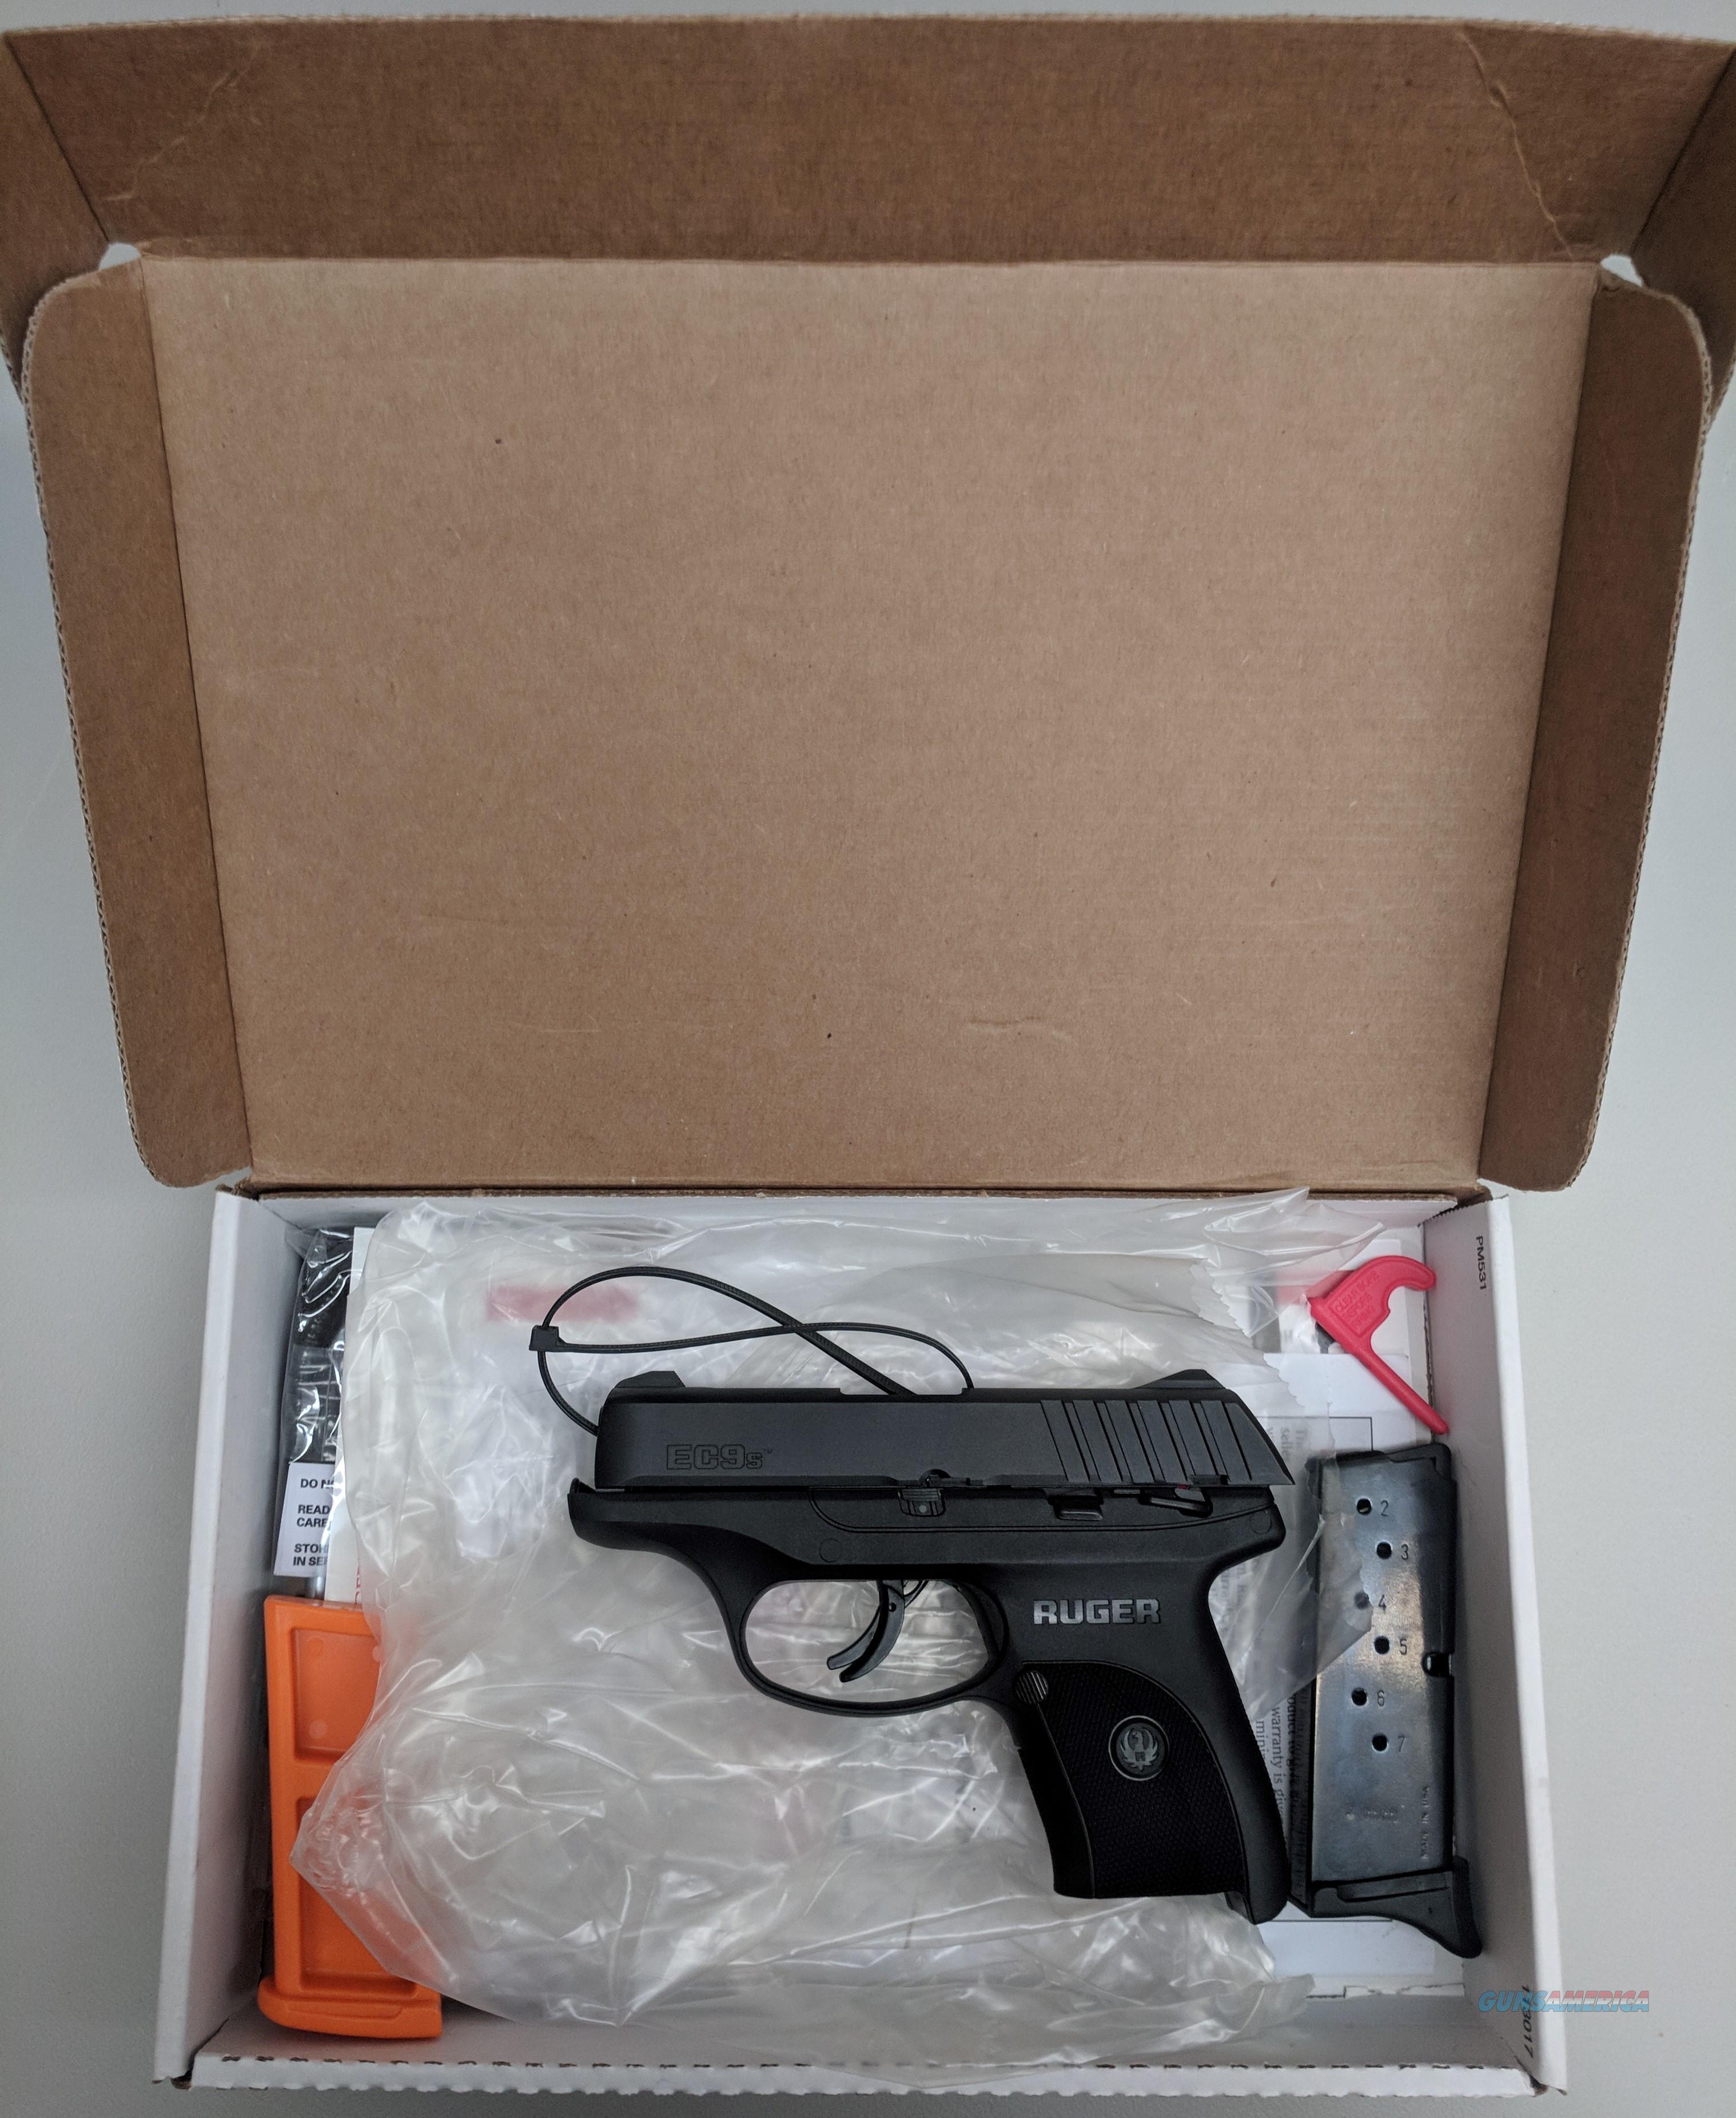 Ruger EC9s  Guns > Pistols > Ruger Semi-Auto Pistols > EC9